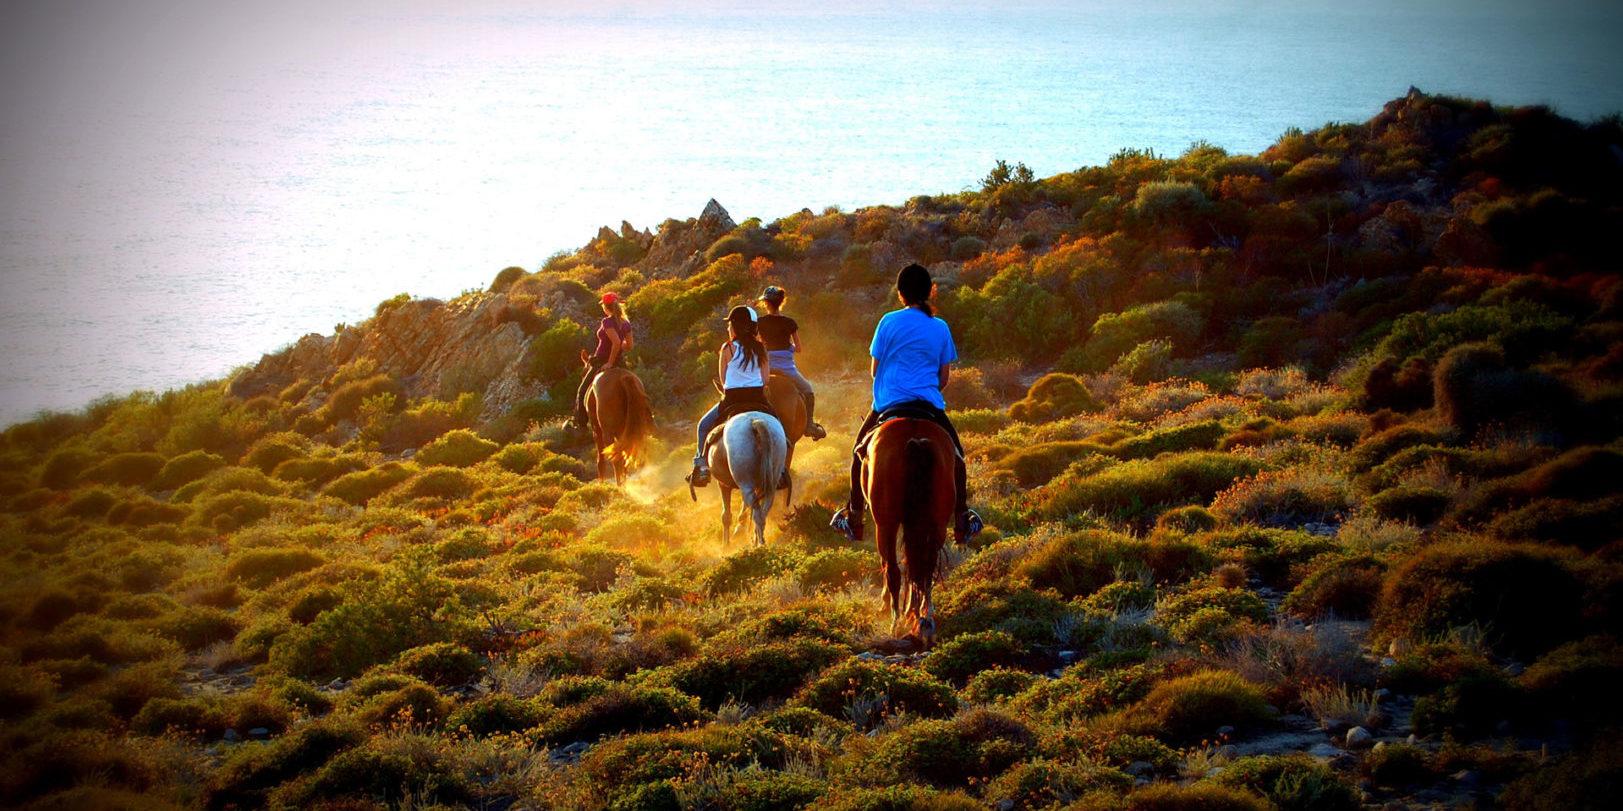 Hotel Perla Rossa Ile Rousse Corsica Frankrijk SkiMaquis OntdekCorsica paardrijden maquis paarden zonsondergang zee